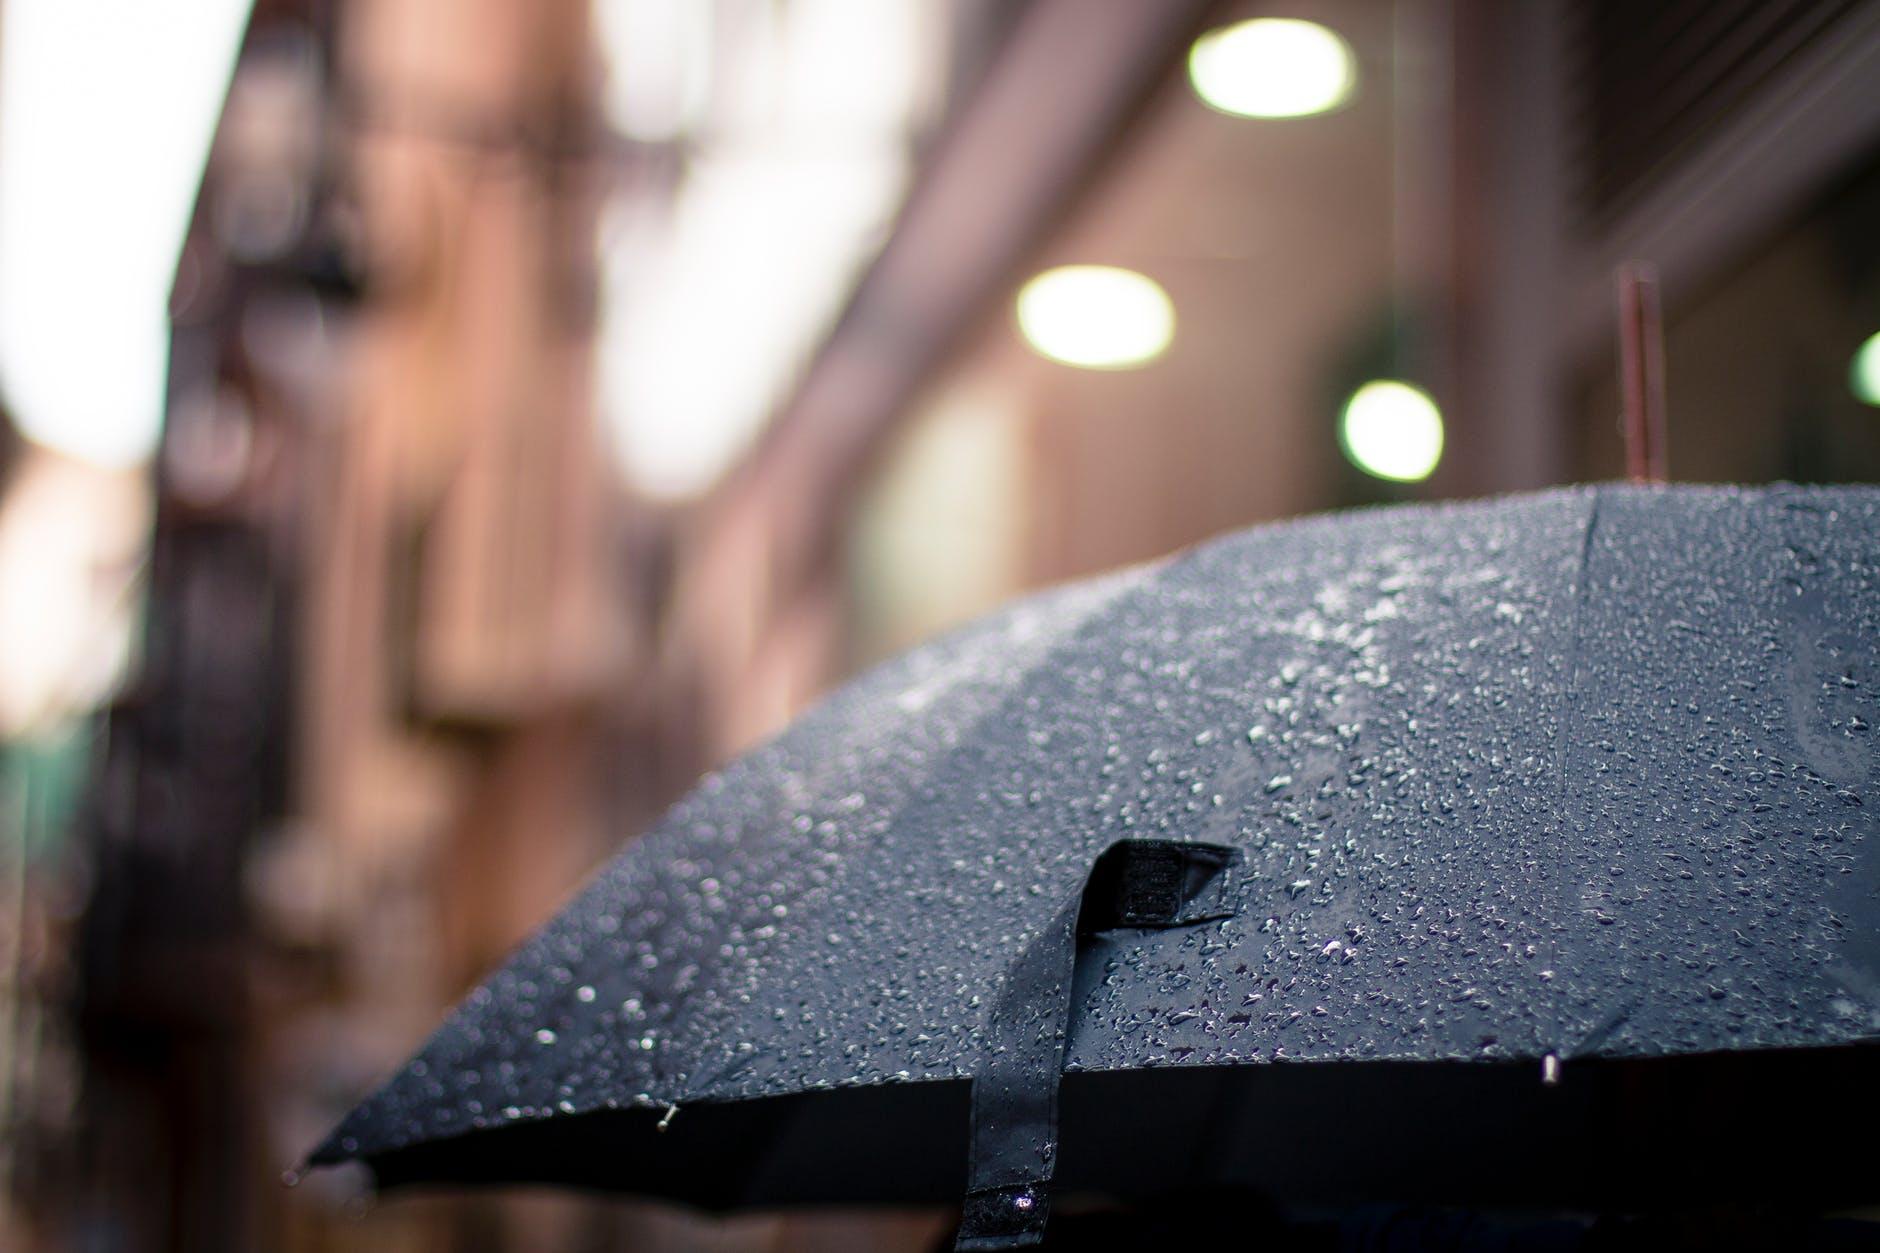 ploi in singapore